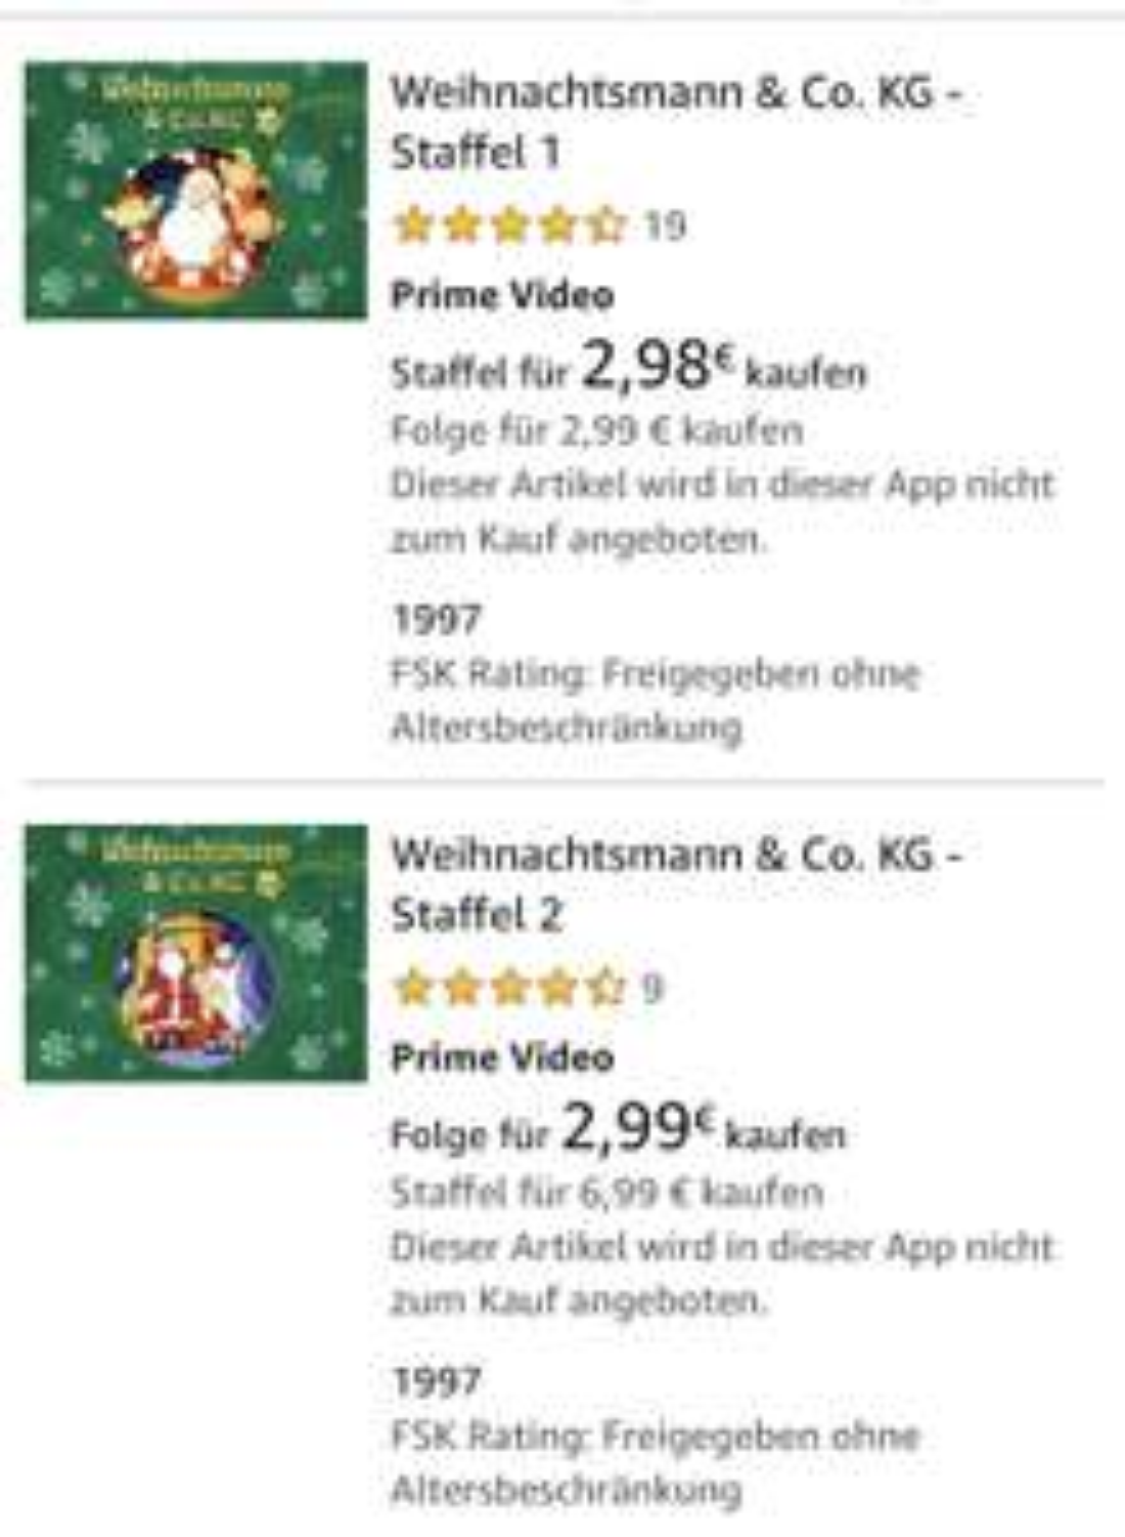 (Amazon Video) Weihnachtsmann & Co KG Staffel 1